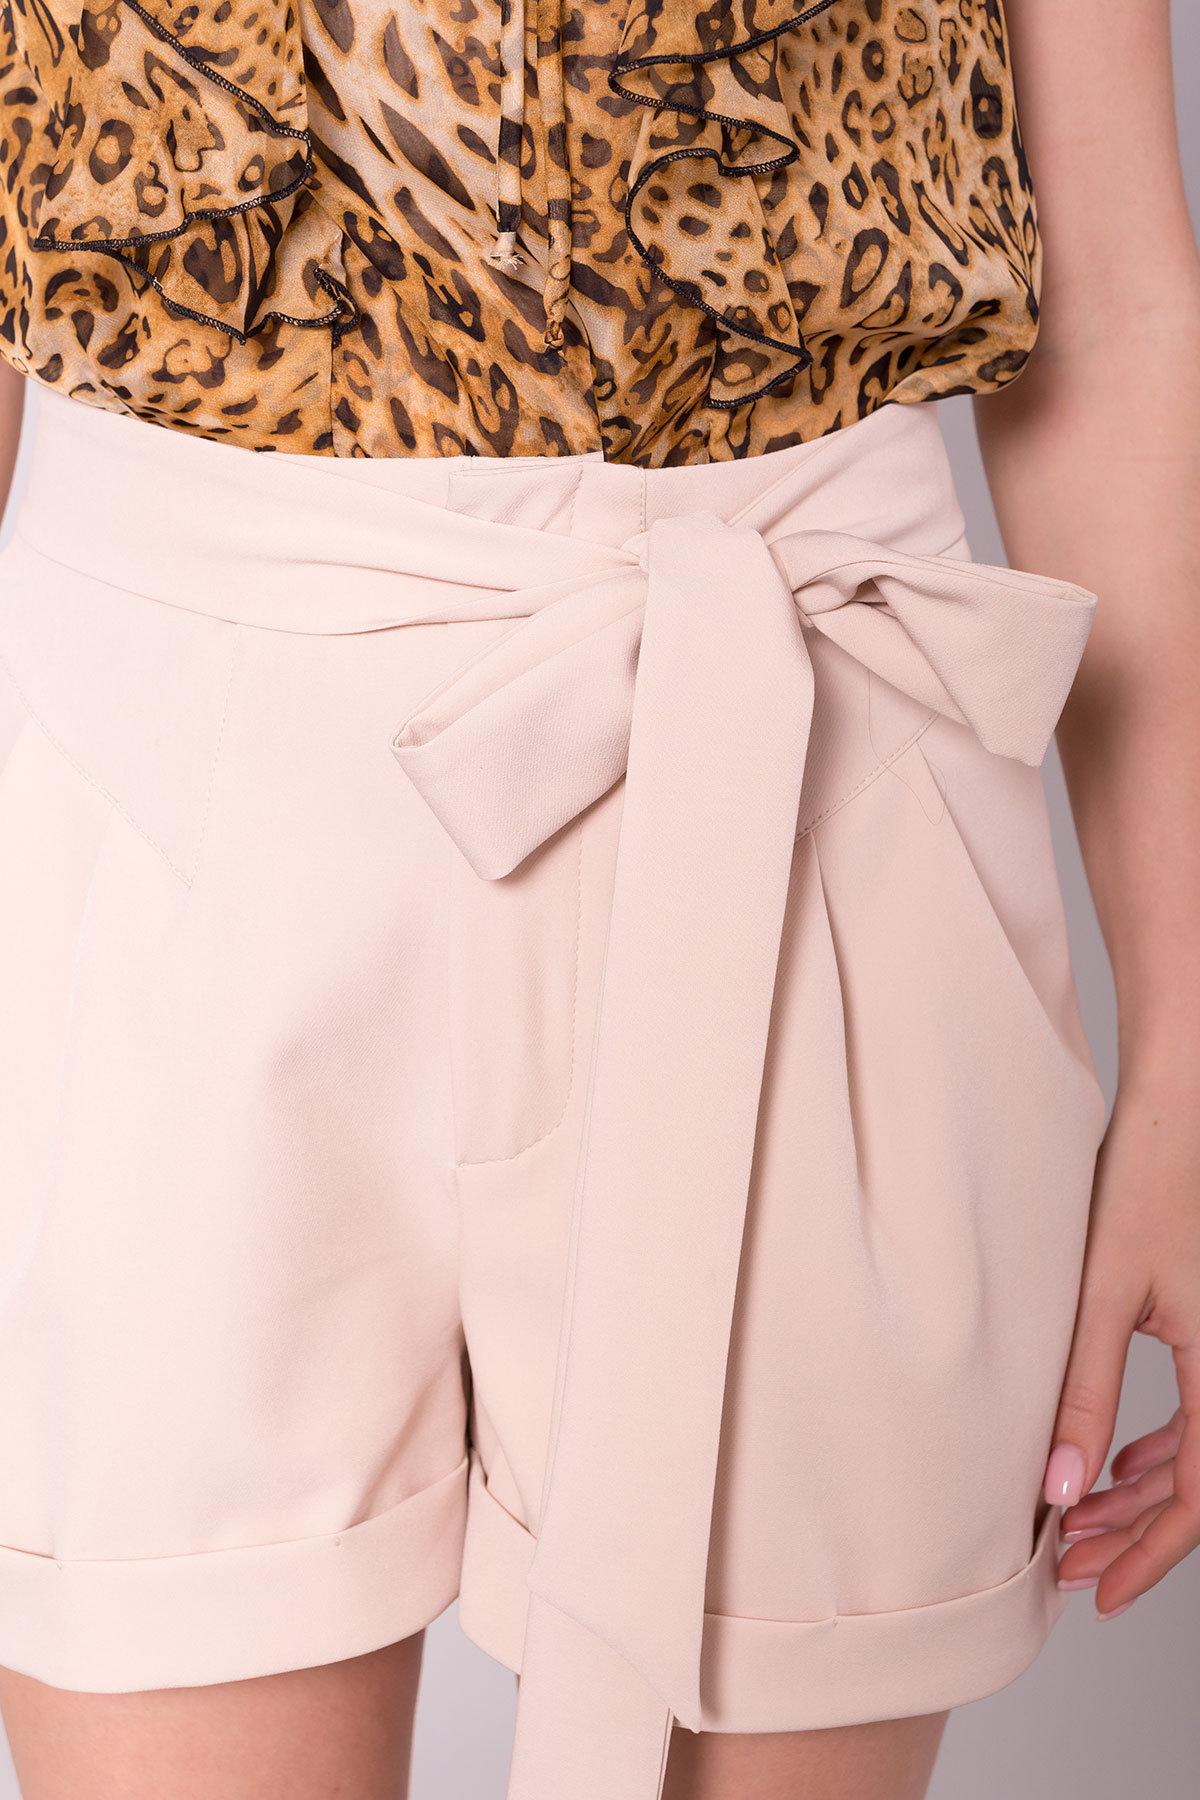 Однотонные шорты Камю 7329 Цвет: Бежевый Светлый